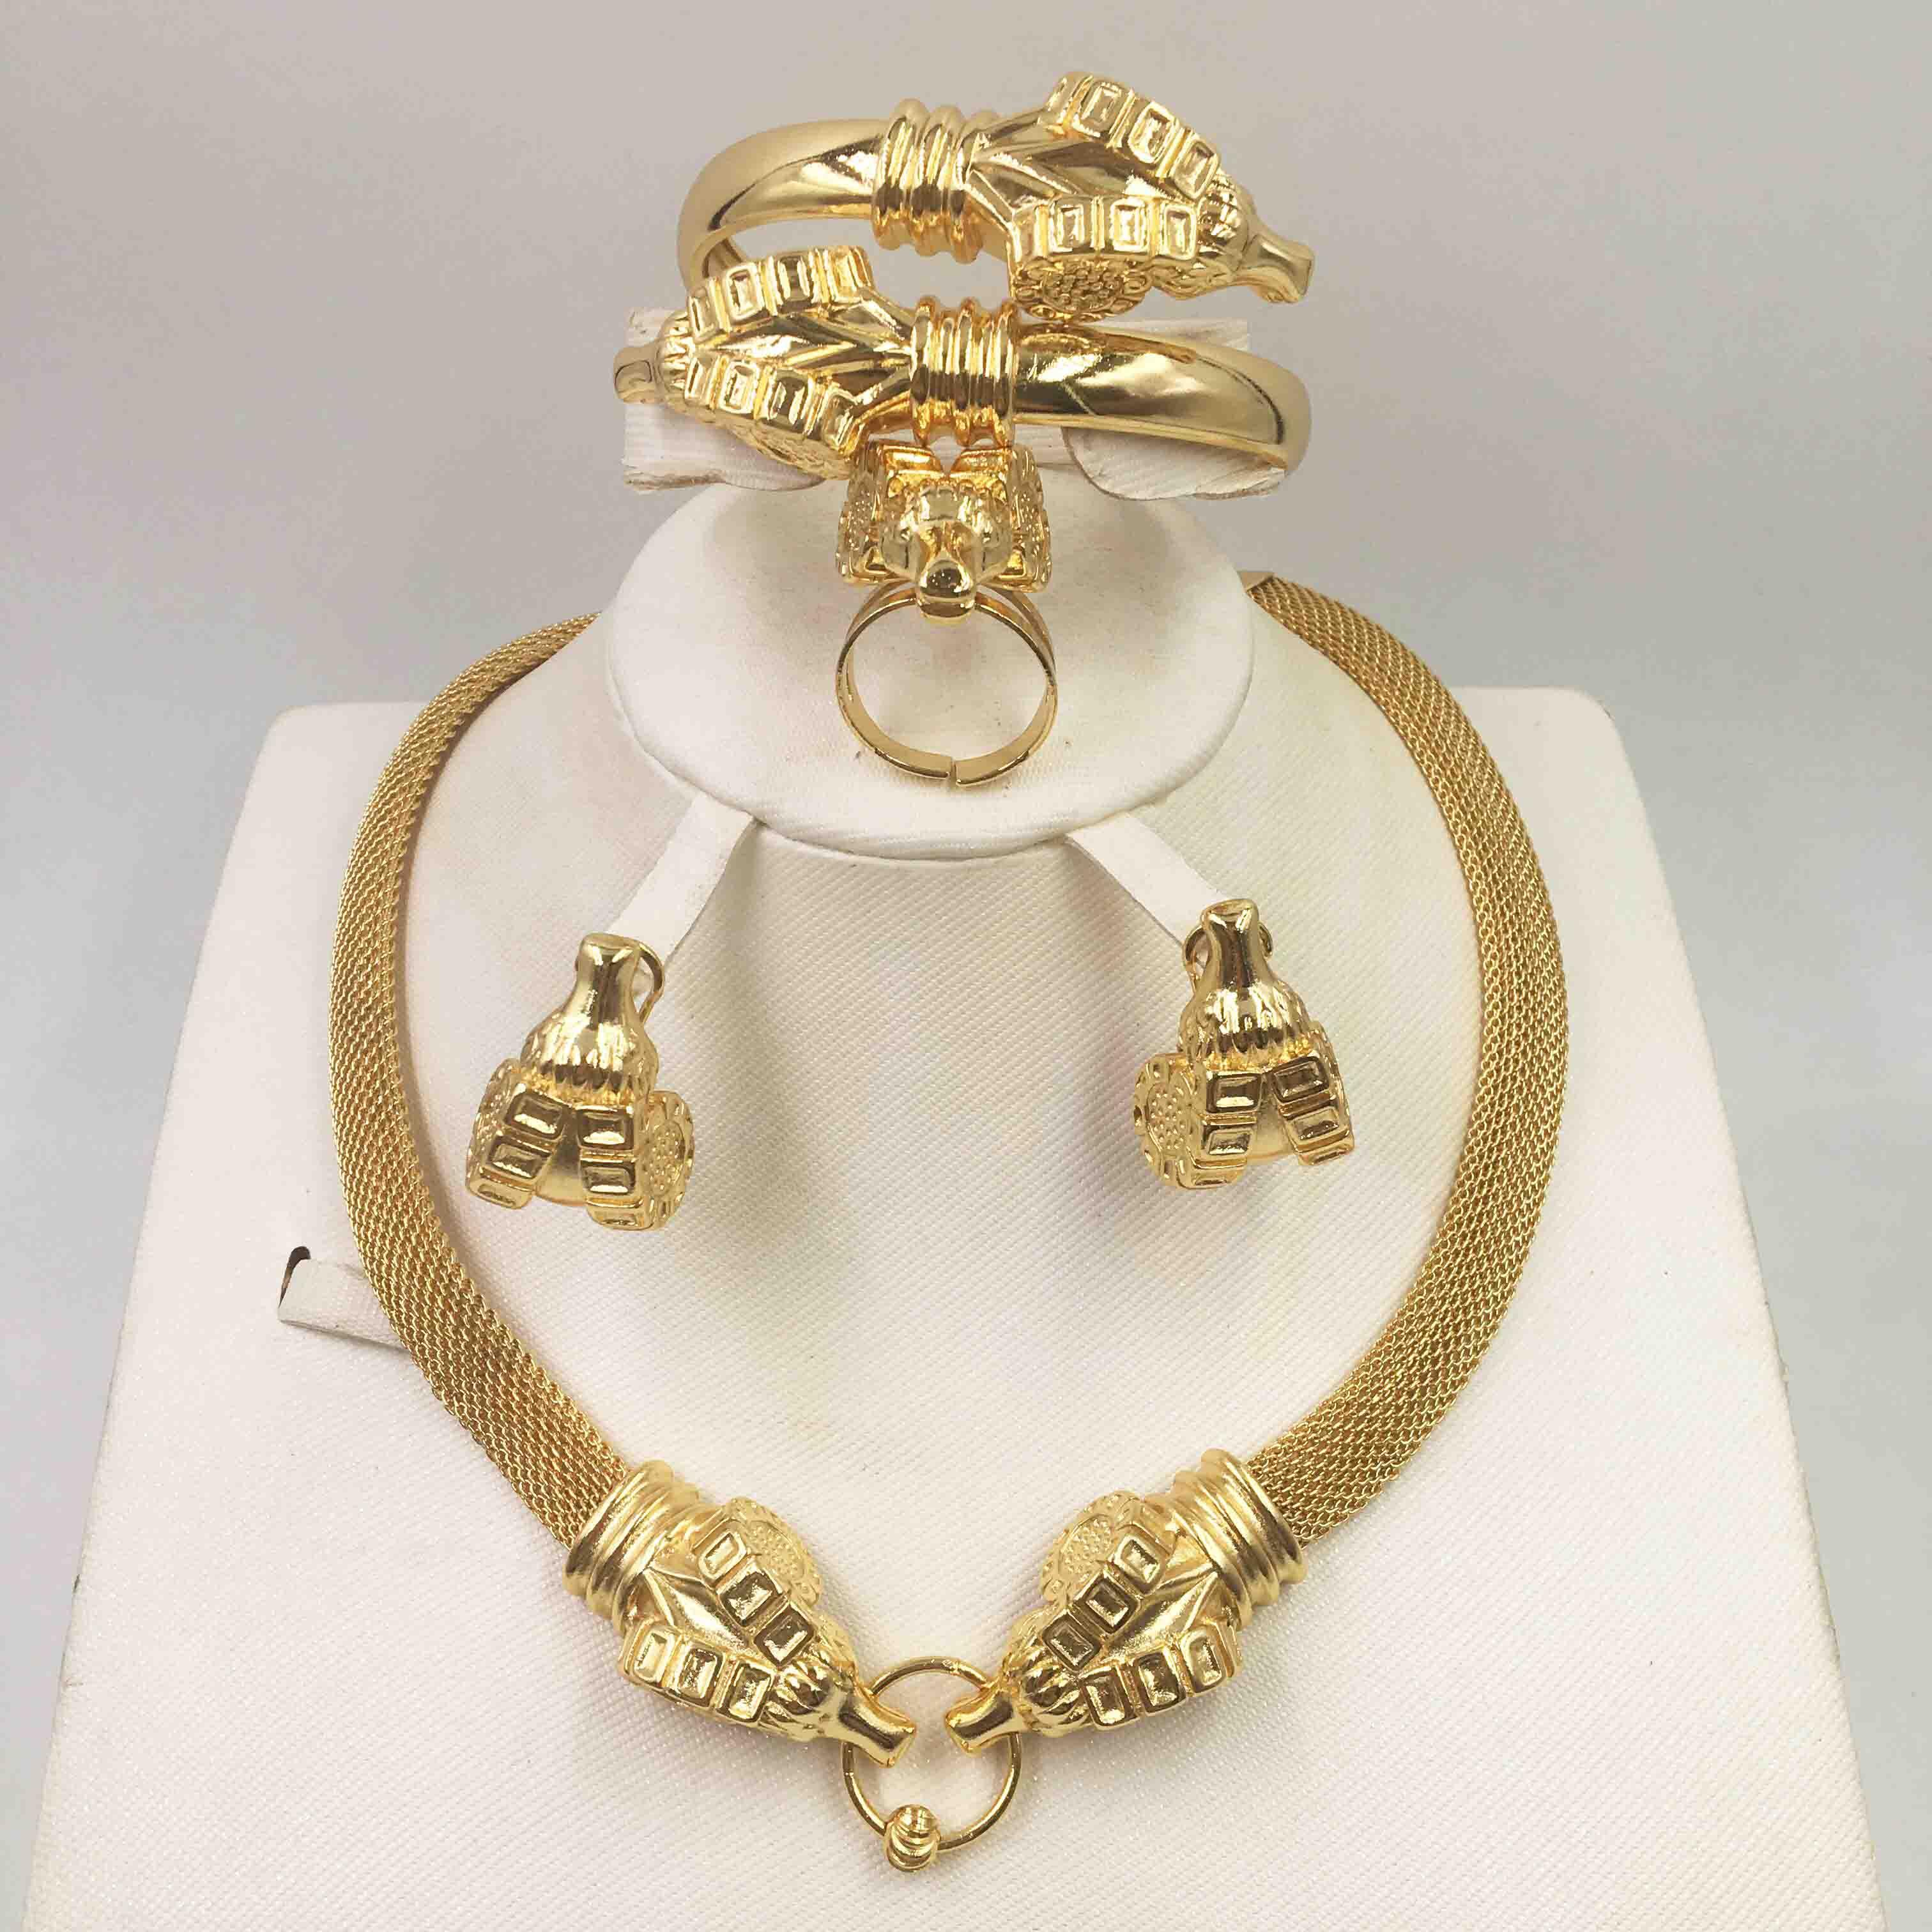 دبي عقد ذهب سلسلة القرط موضة النيجيري الزفاف الأفريقي مجوهرات سلسلة الإيطالية المرأة طقم مجوهرات